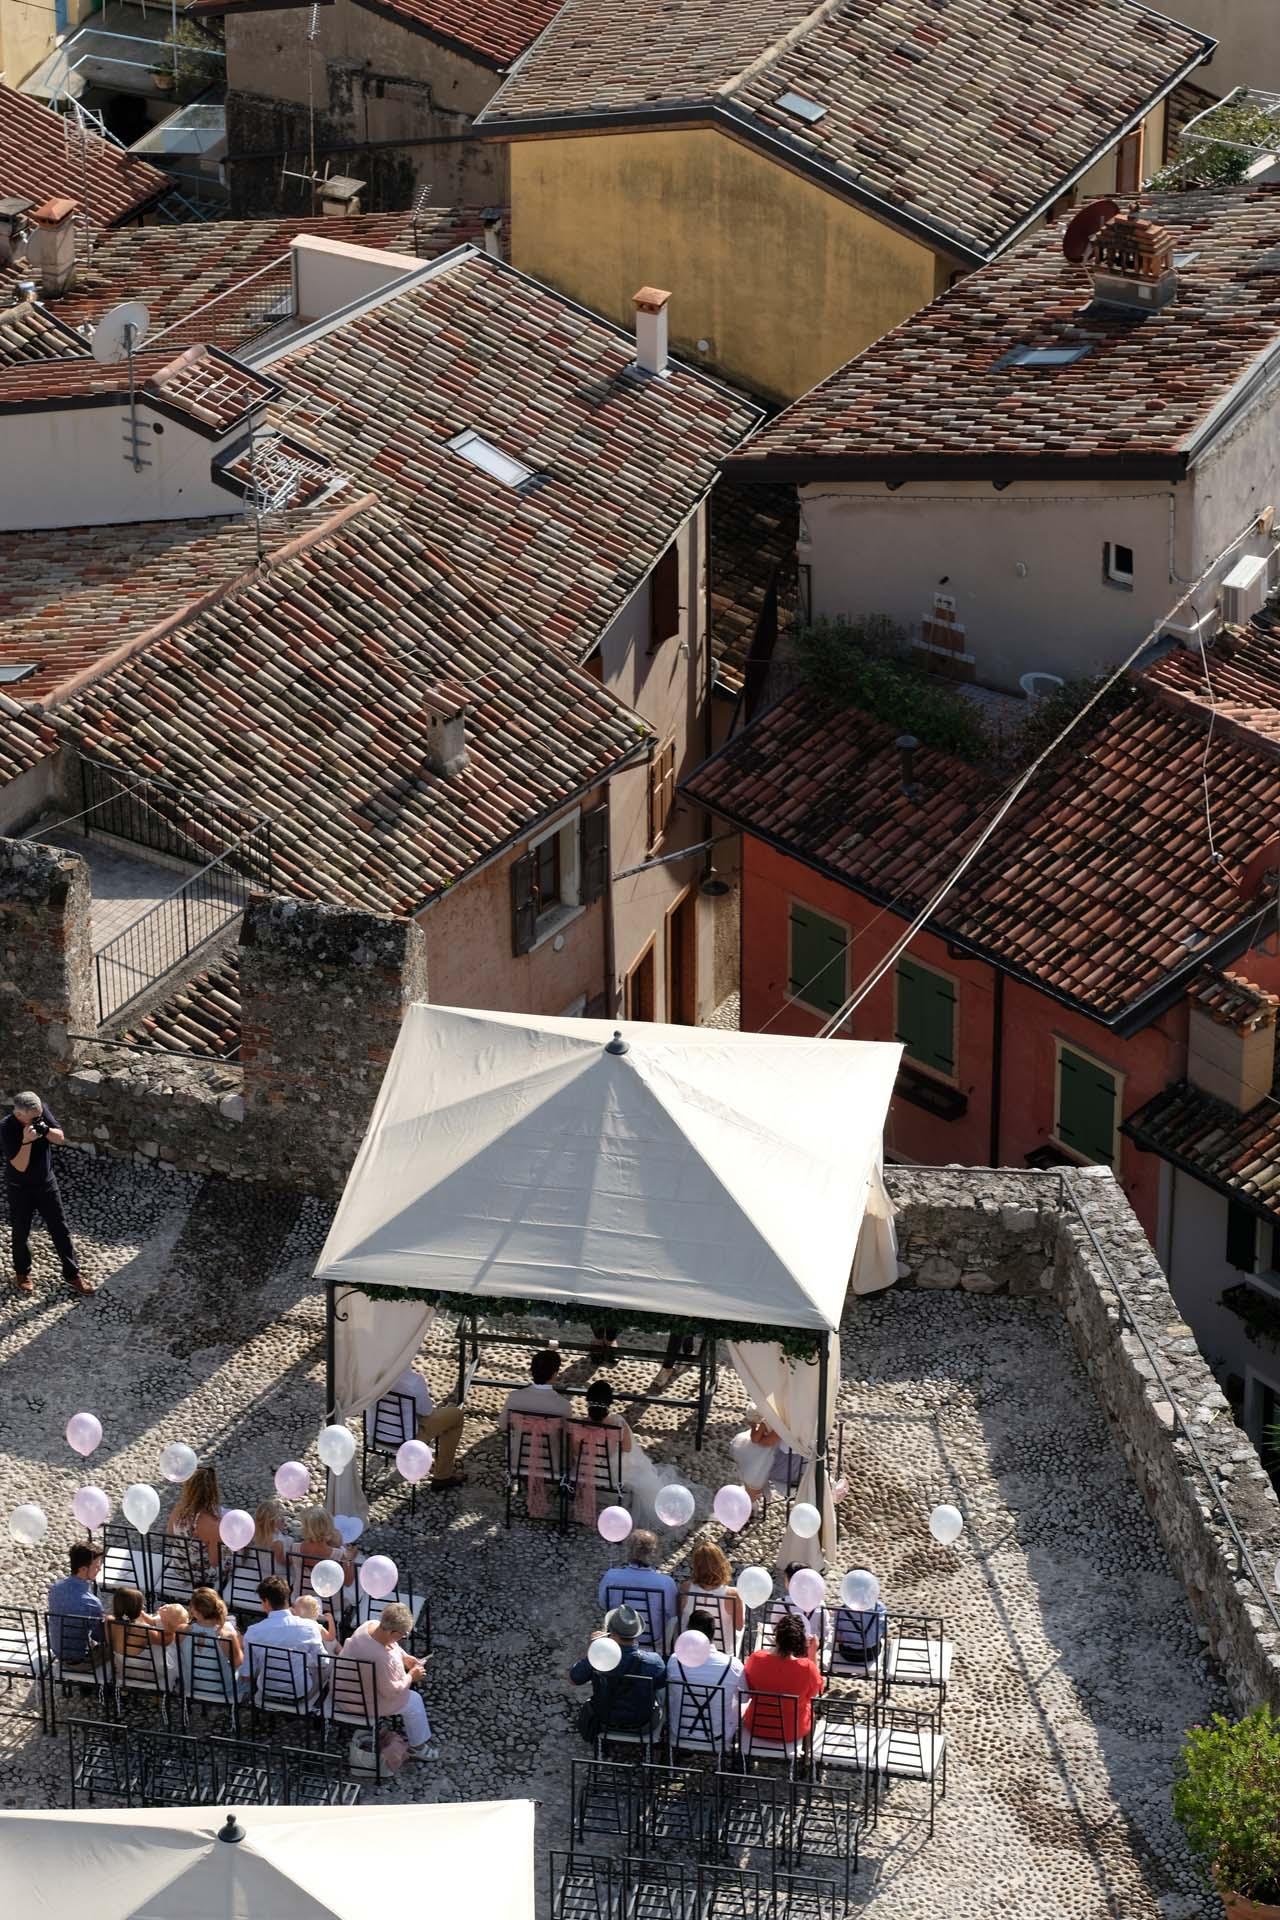 Tiroler Hochzeitsfotograf Michael Jenewein bei der Arbeit